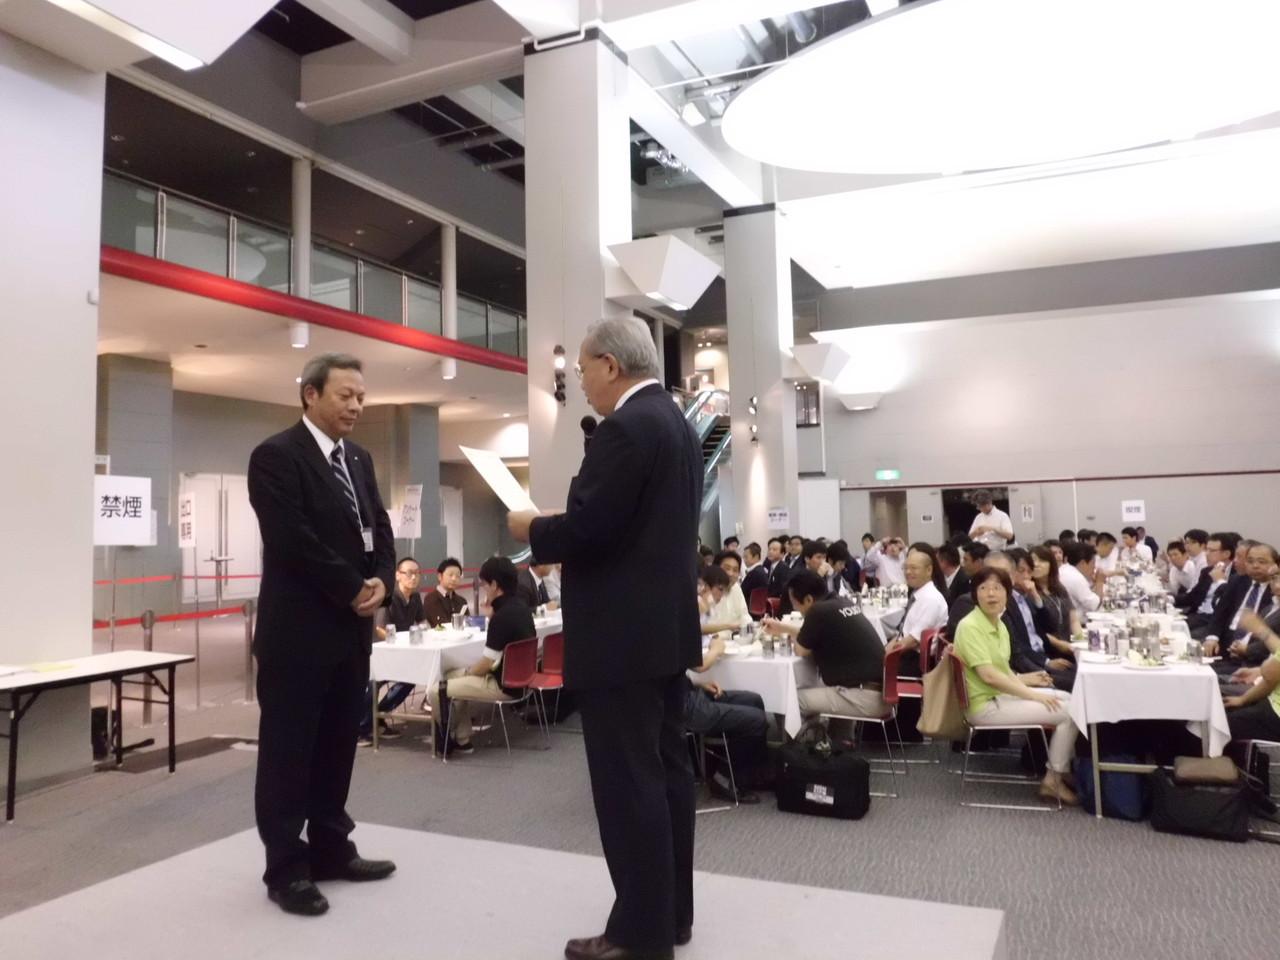 実行委員会により最優秀ブースデザイン賞は、(株)キヌガワ様に決定。会長より賞状と記念品の授与。